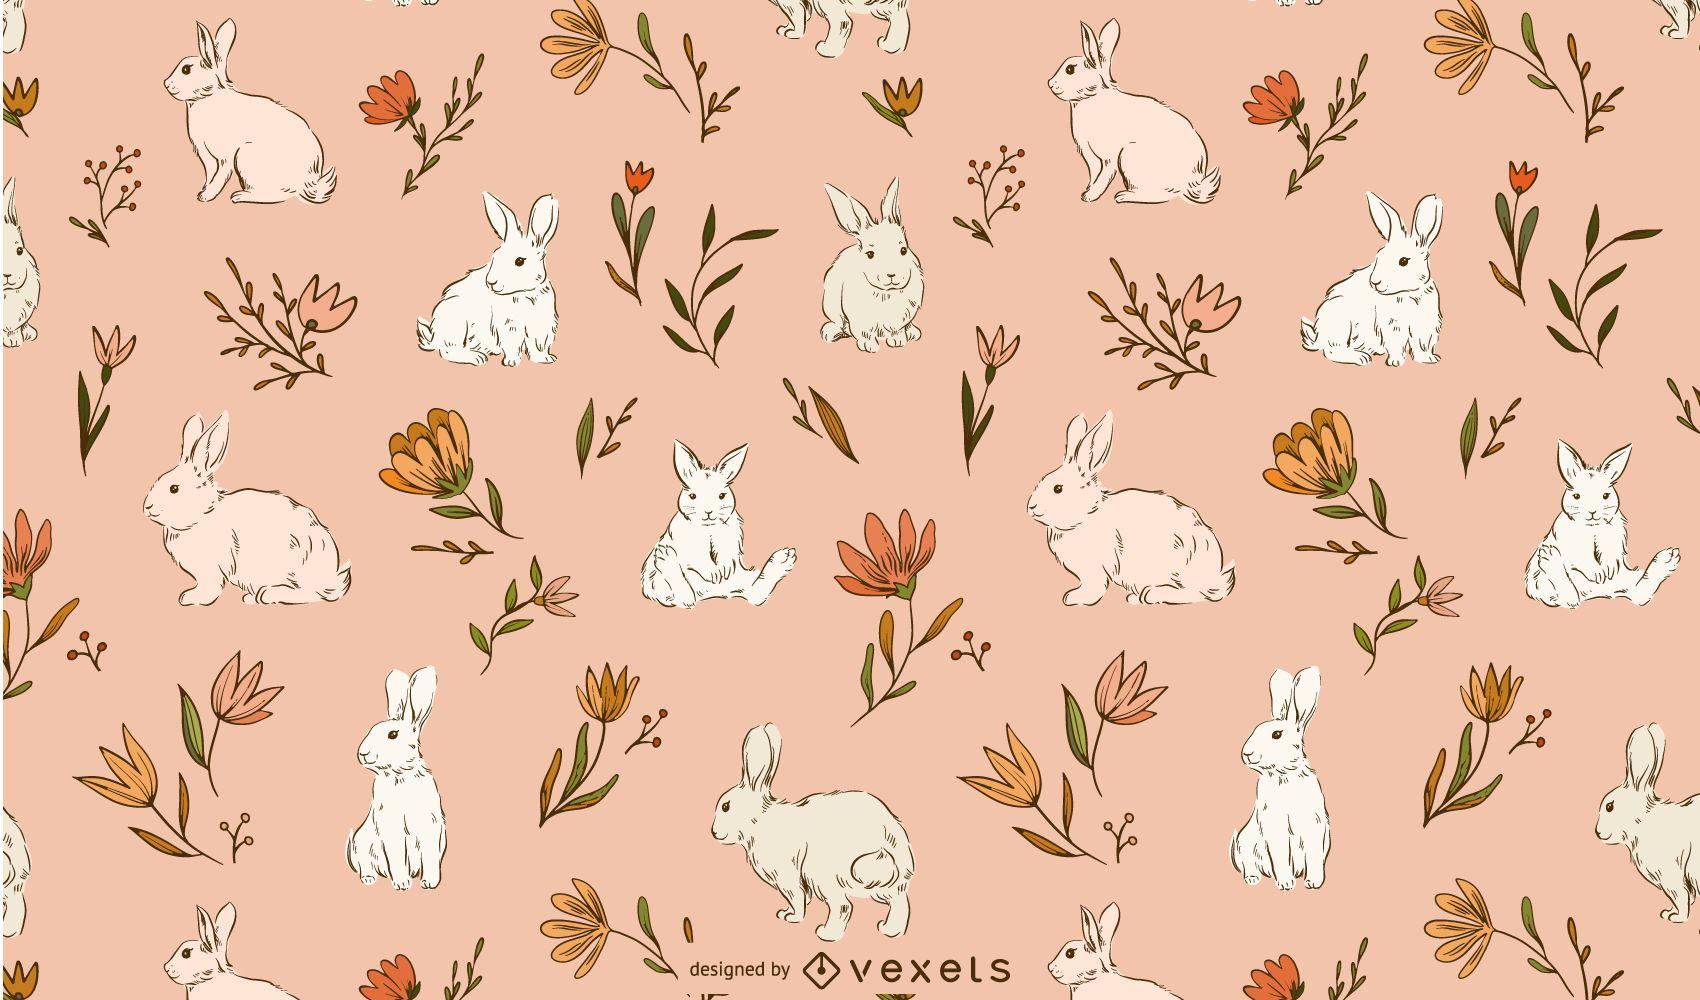 Easter rabbits pattern design